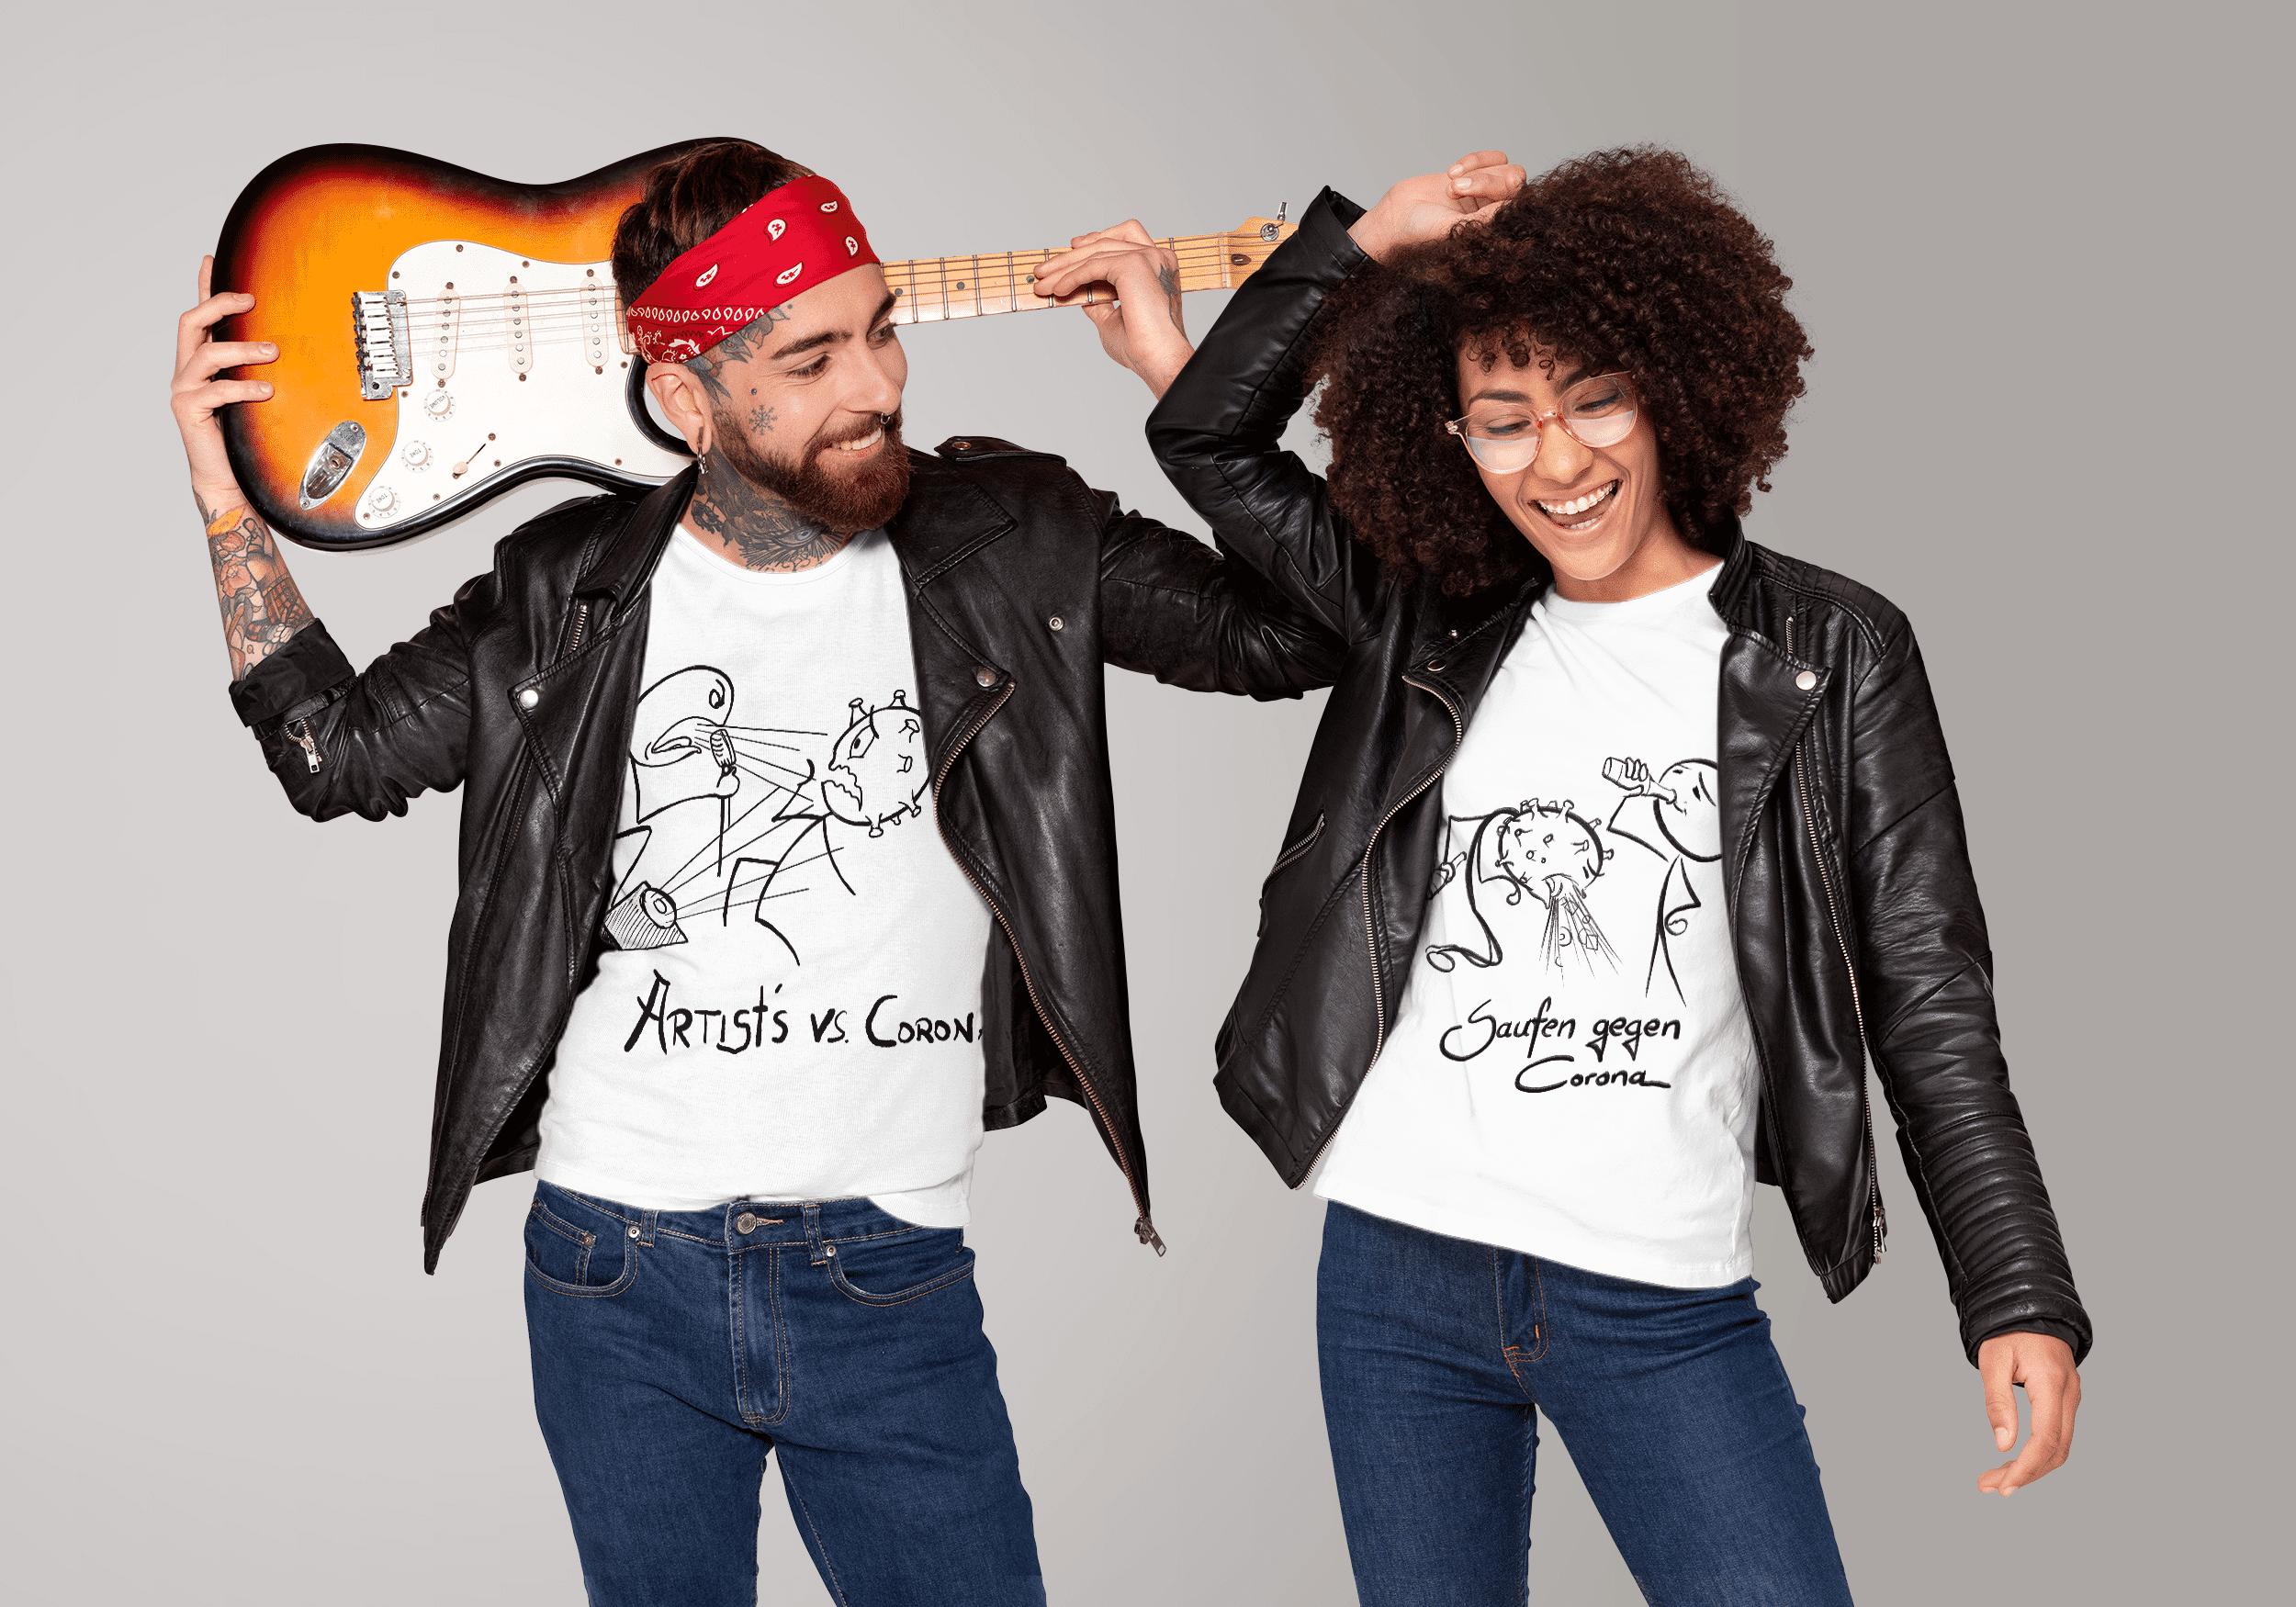 Artists vs. Corona Merchandise